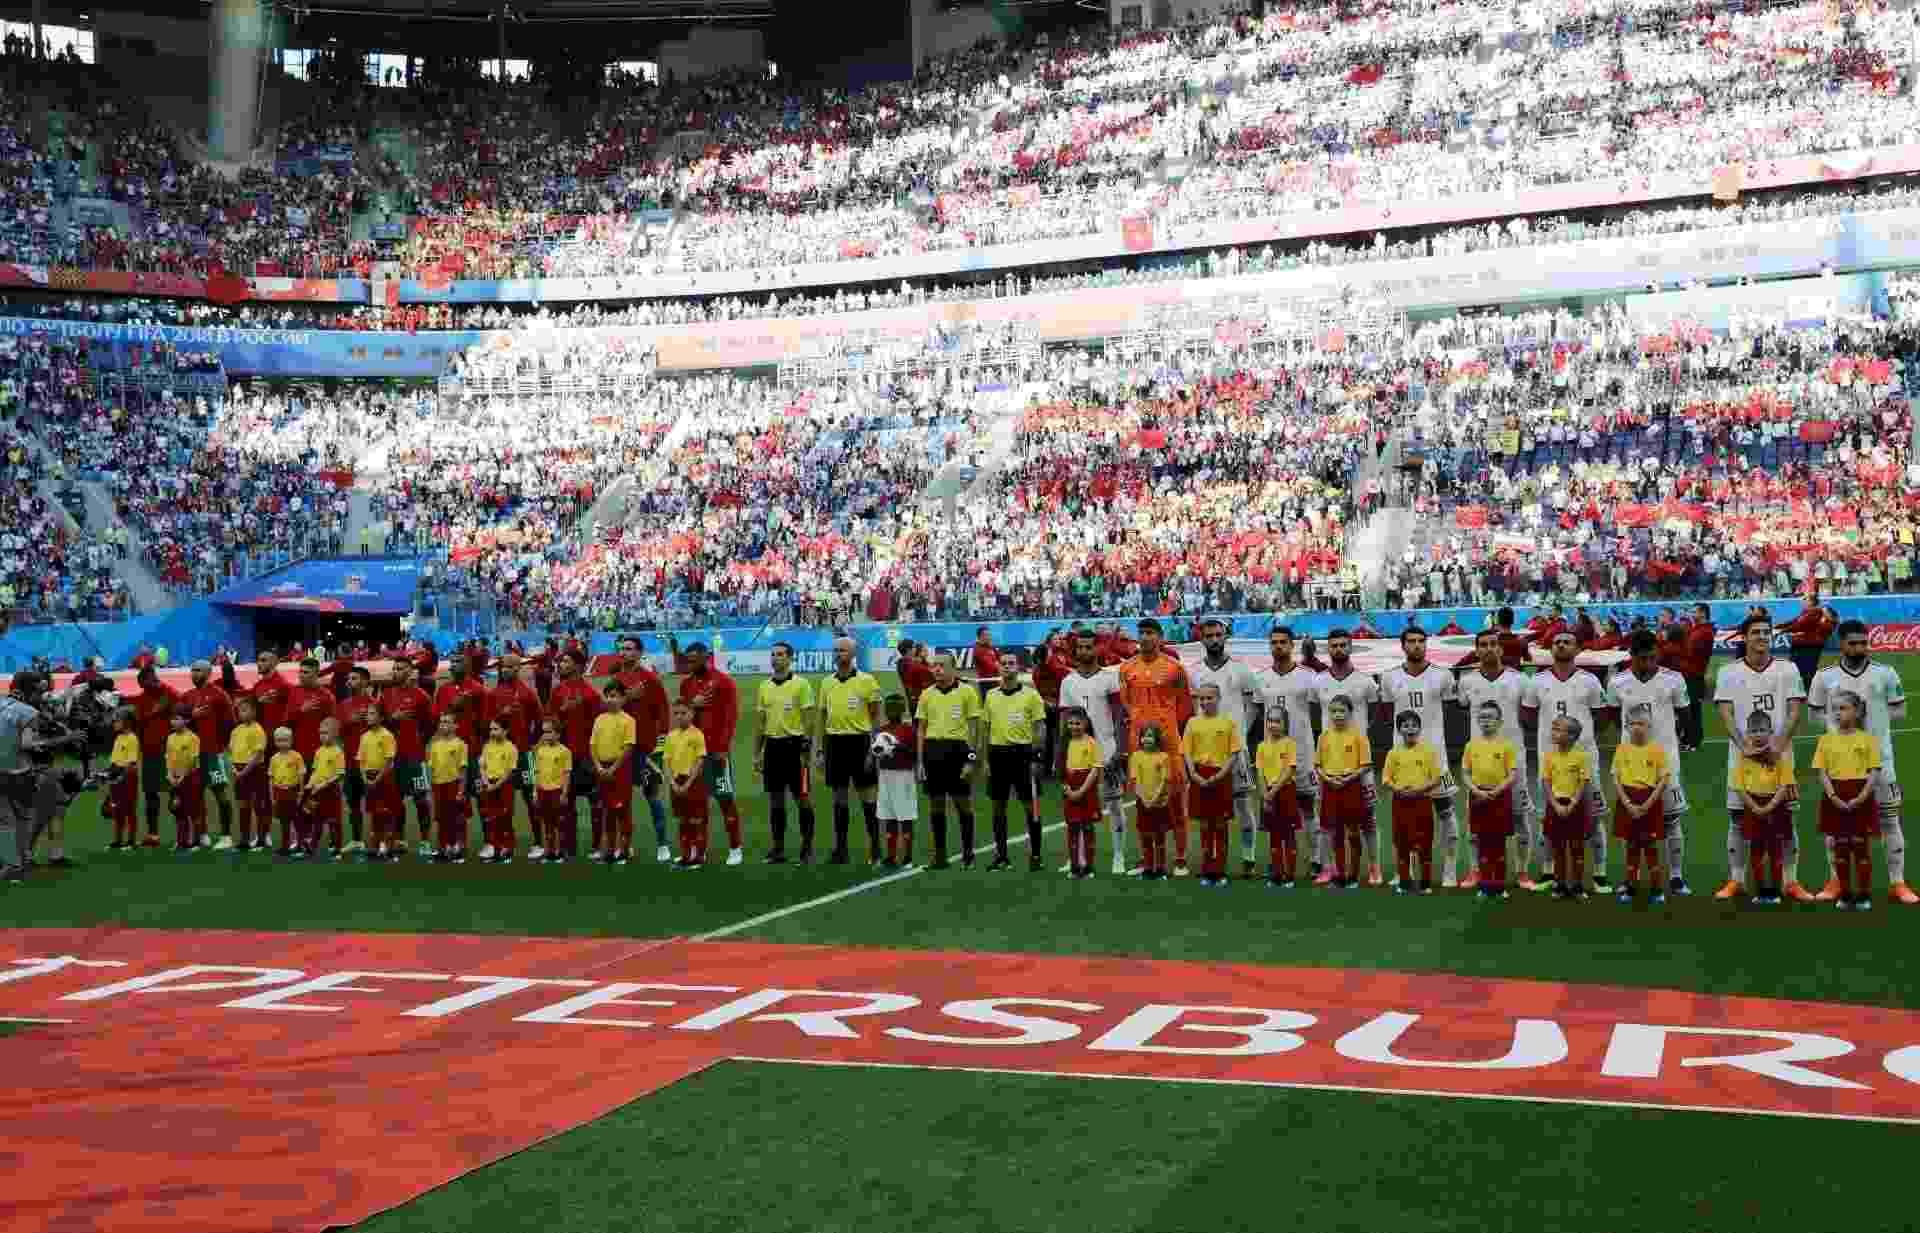 Jogadores de Marrocos e Irã enfileirados - HENRY ROMERO/REUTERS